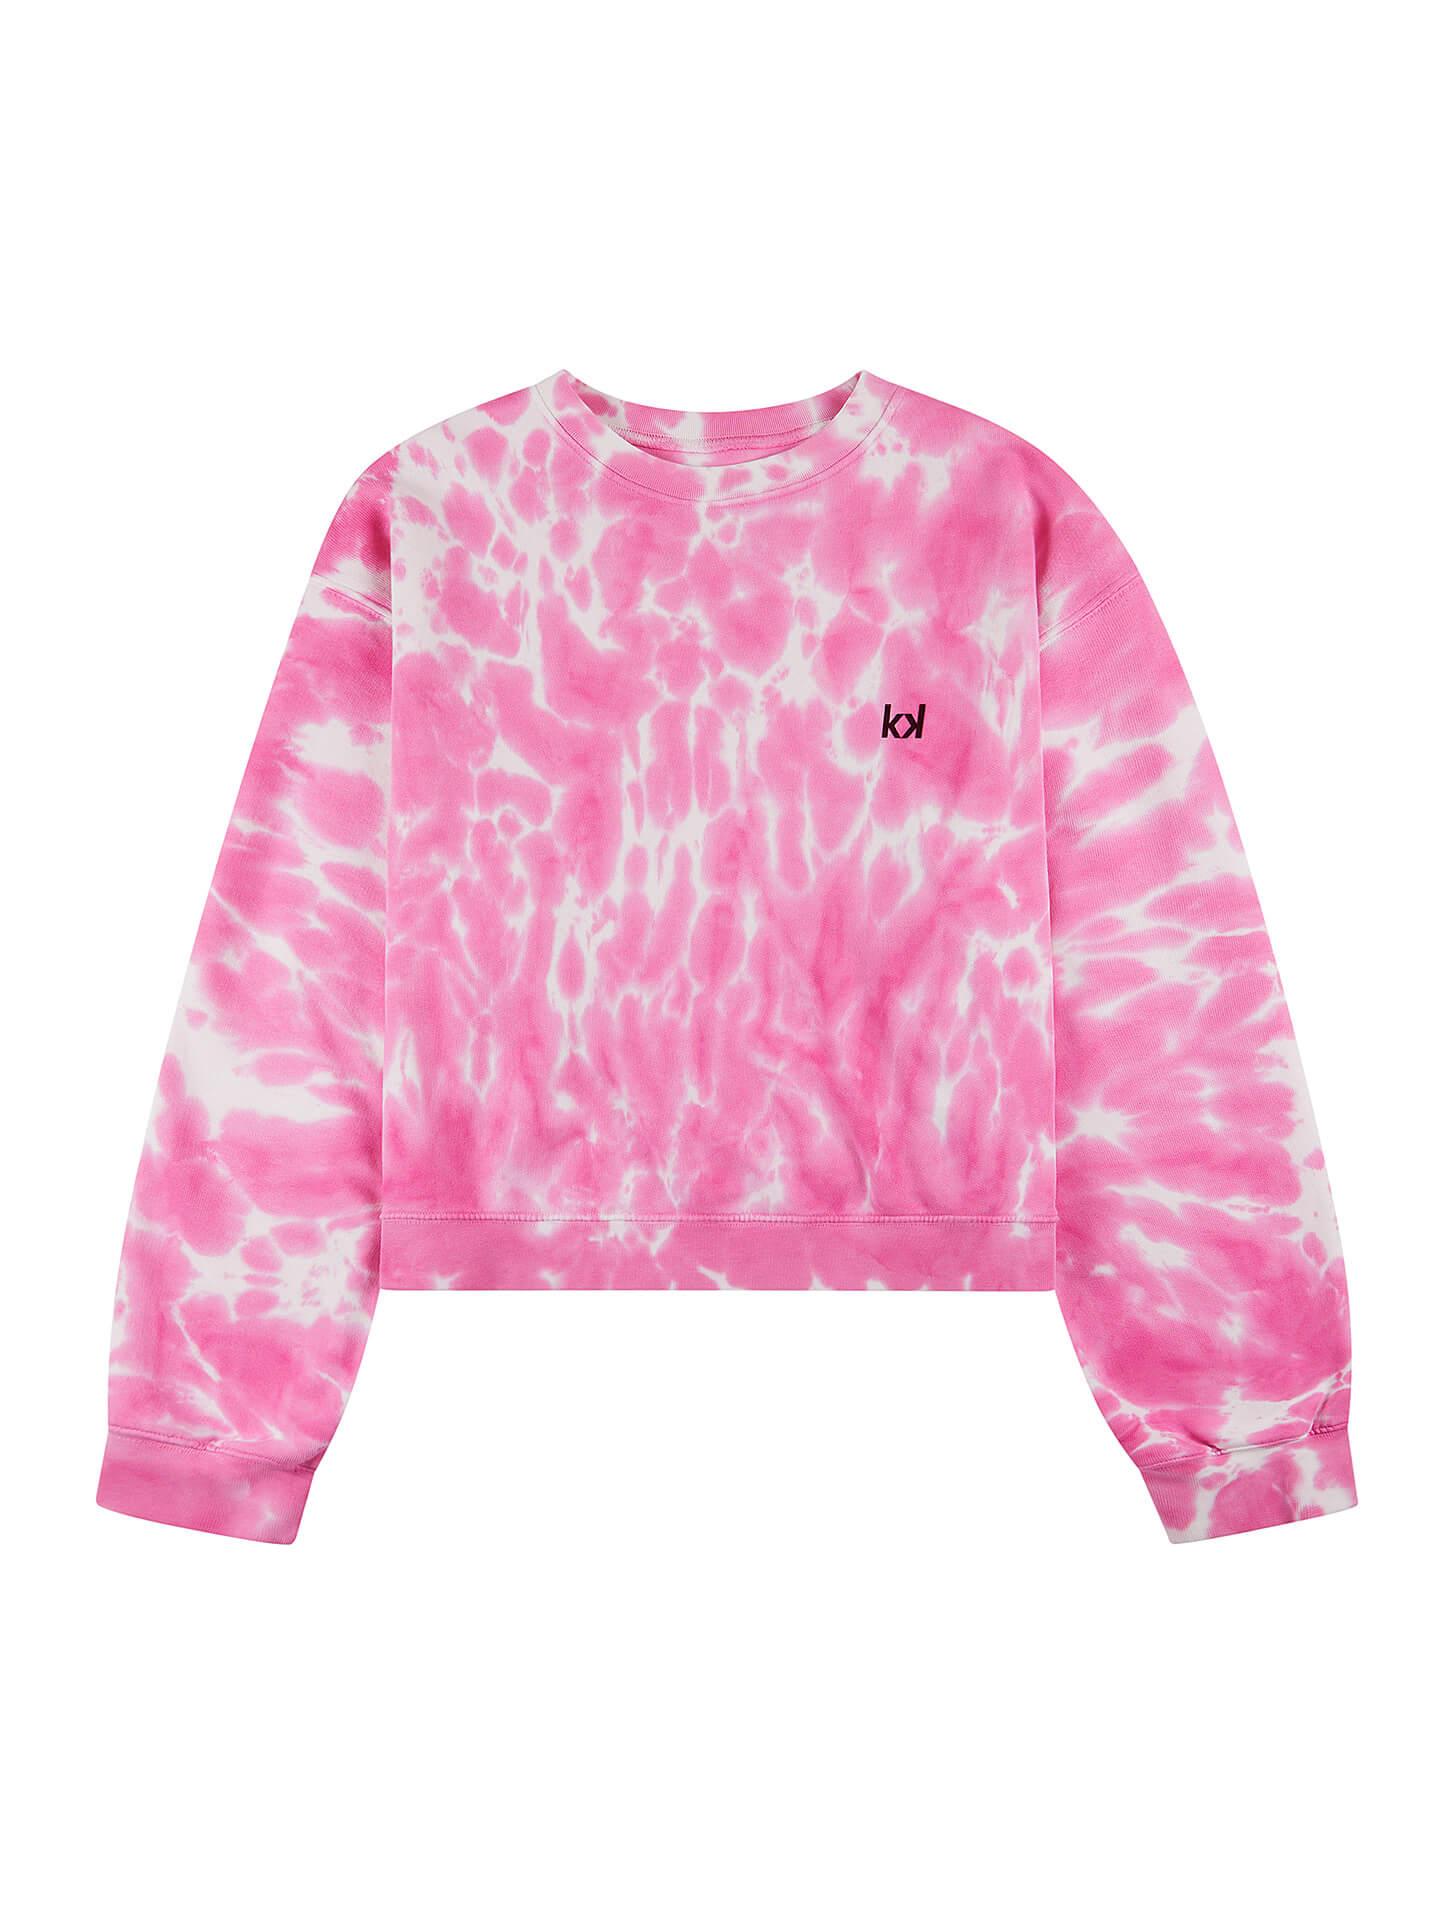 One Sweater Tie Dye Pink